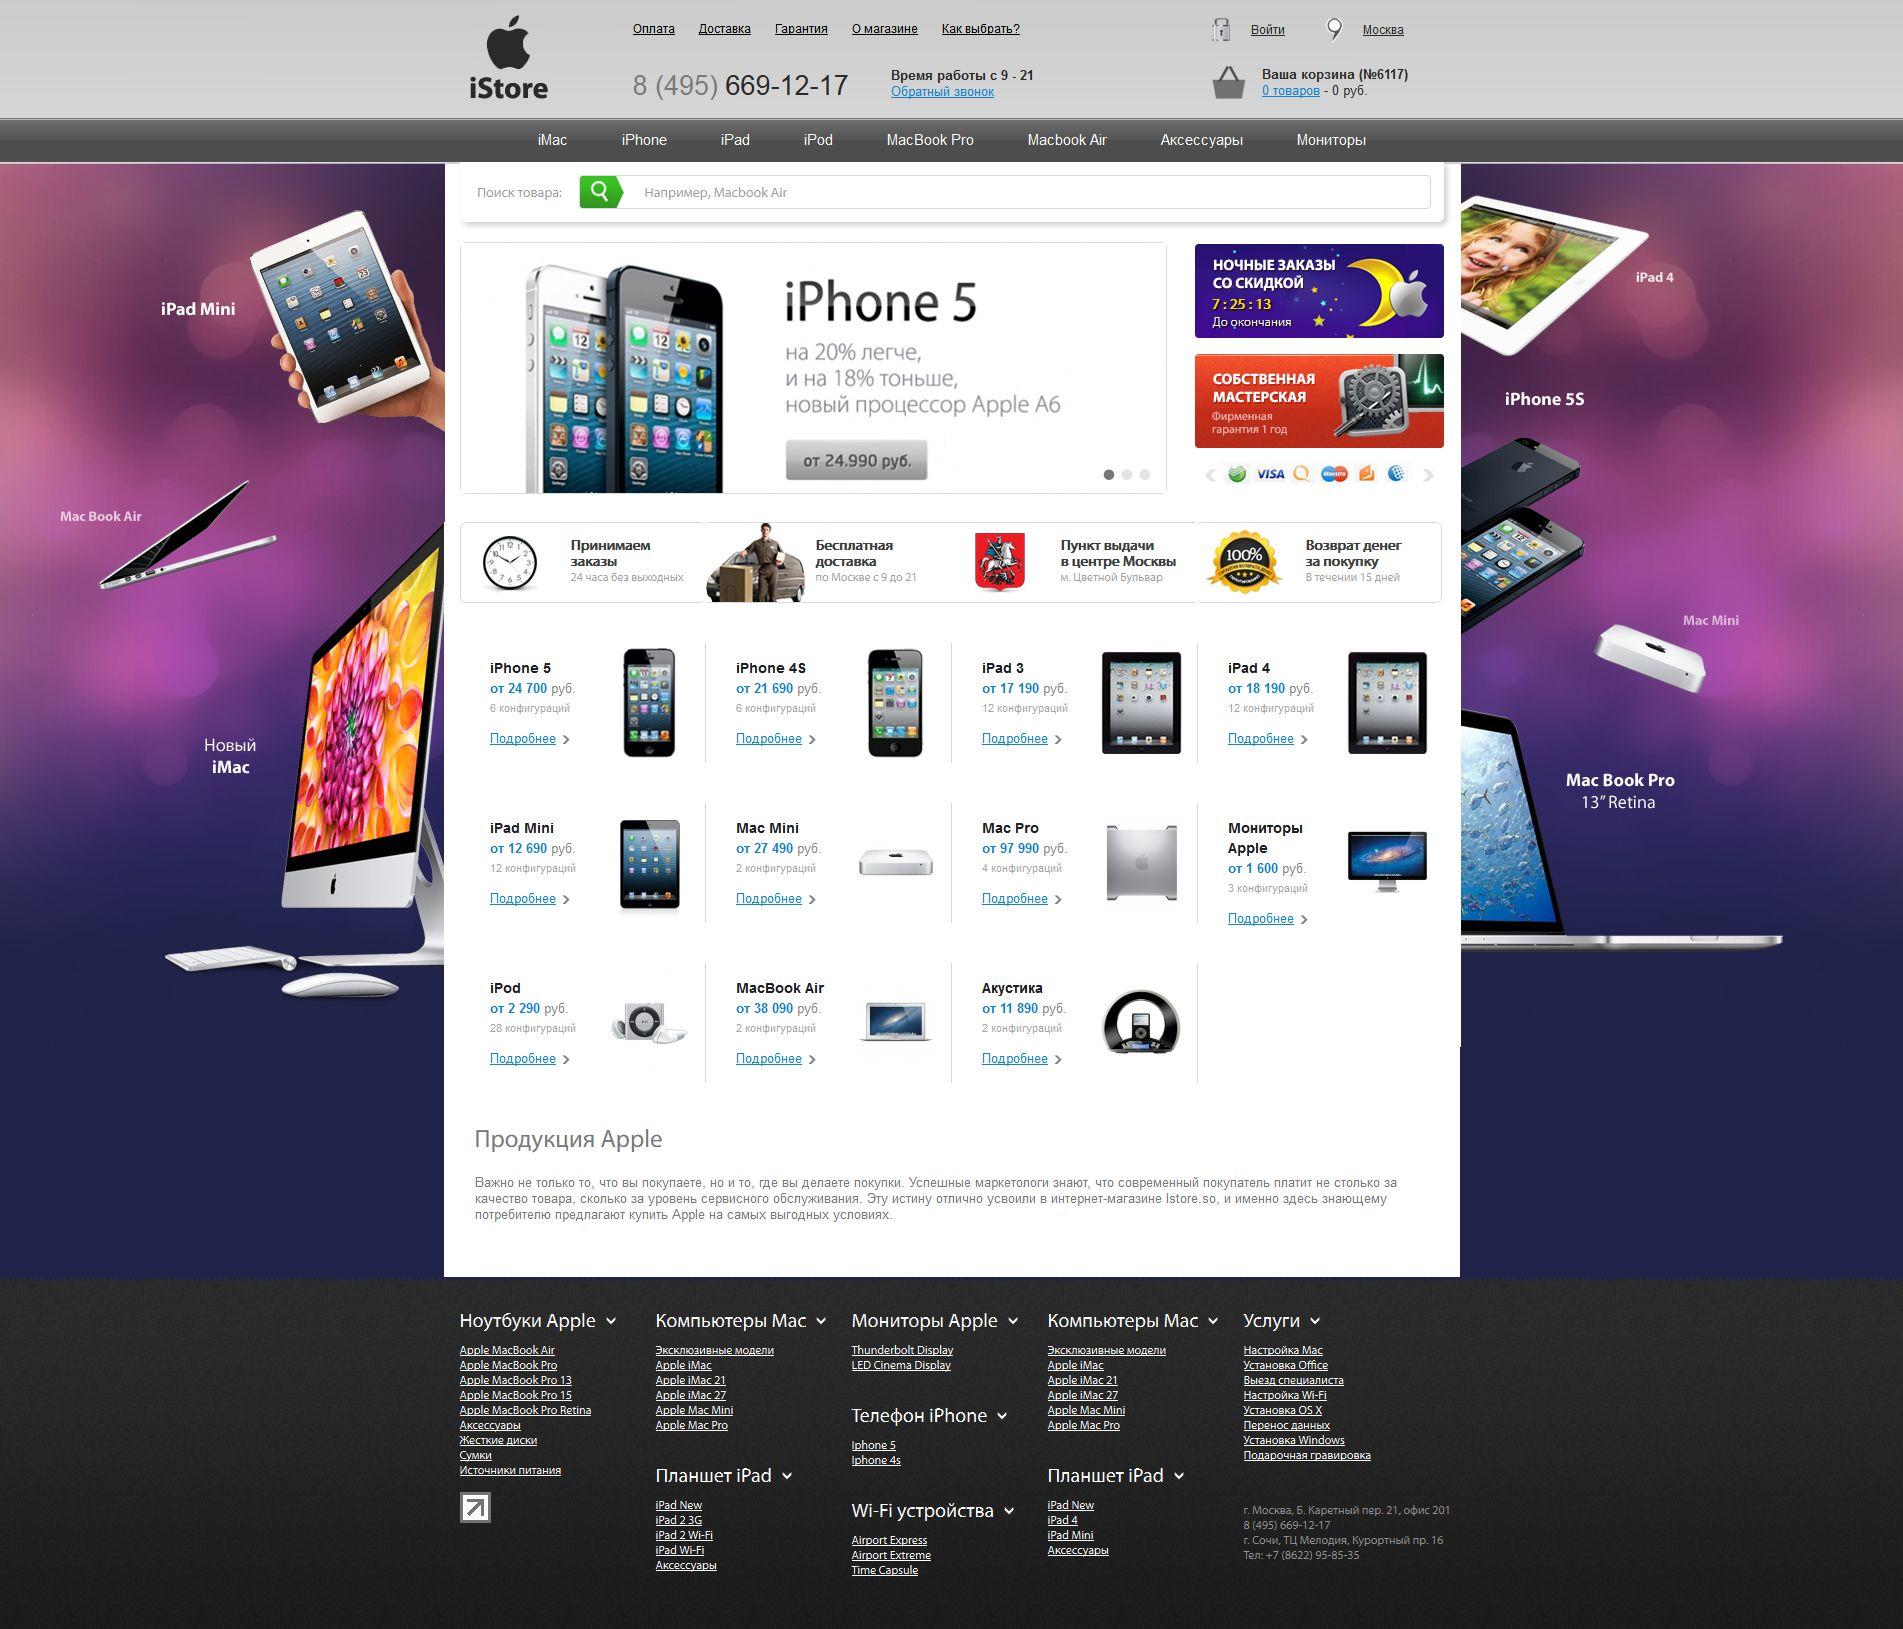 Интернет-магазин аксессуаров и продукции Apple